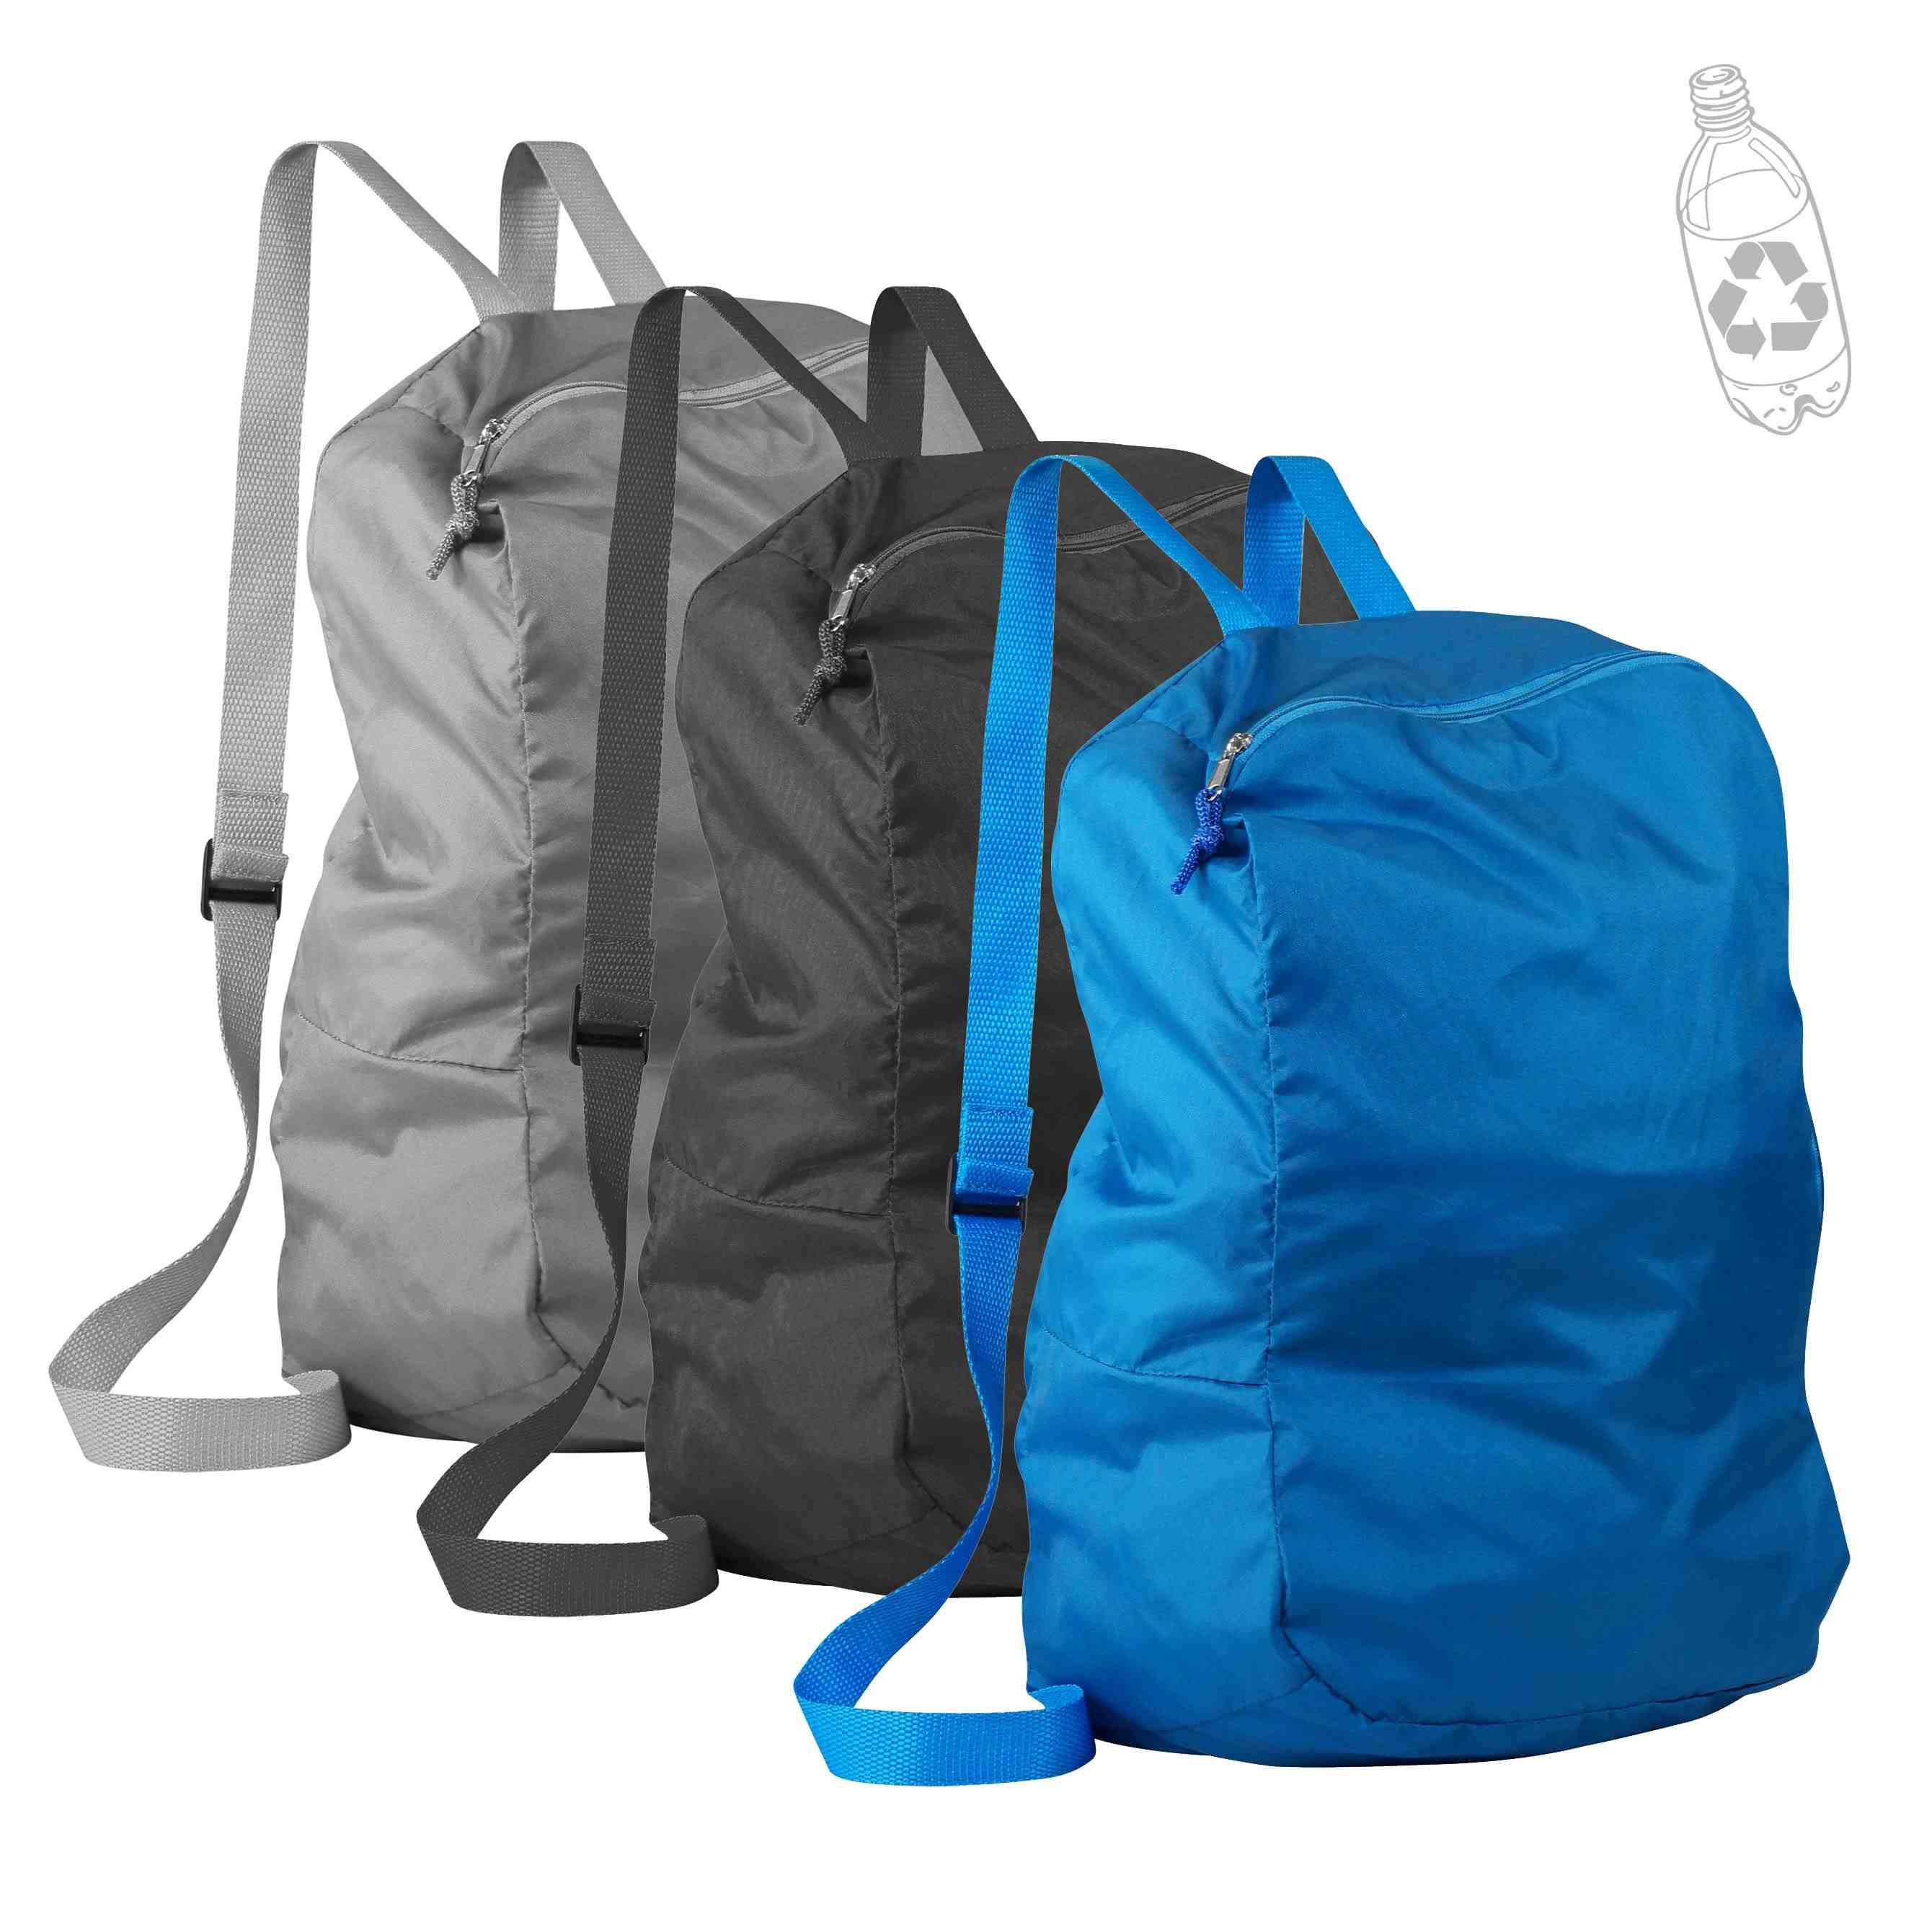 Sac à dos publicitaire Keypack - Cadeau publicitaire écologique